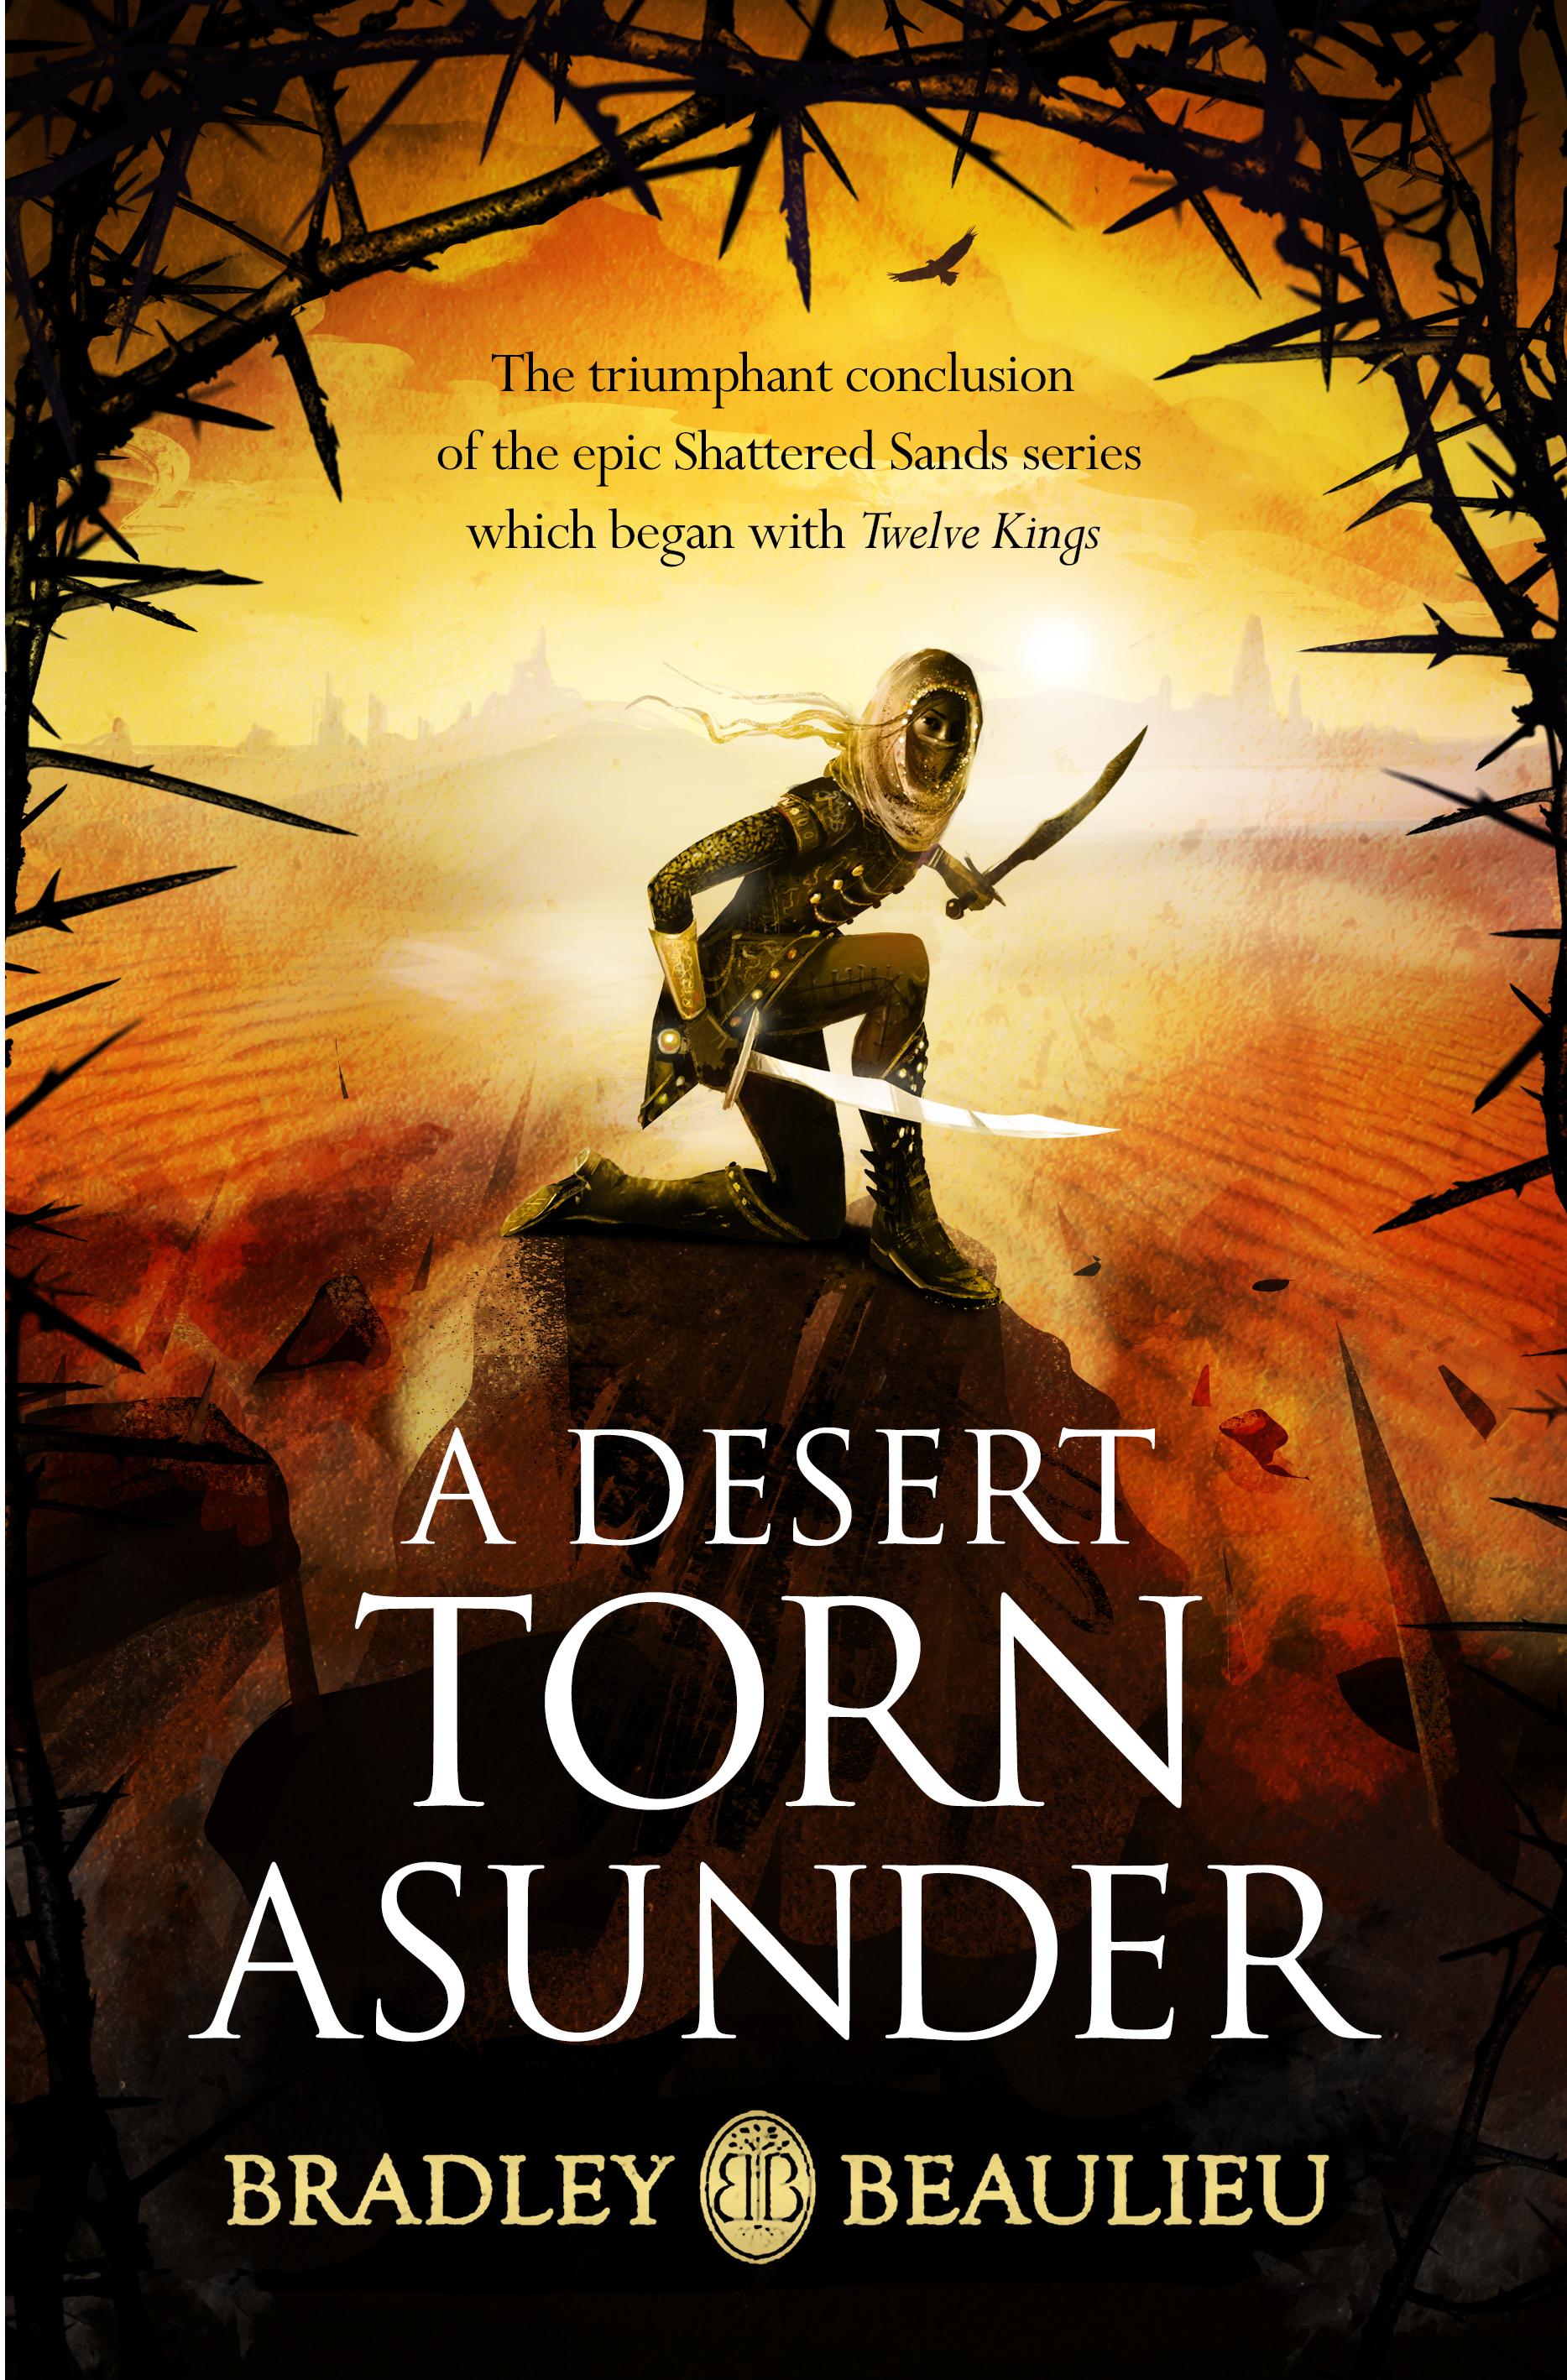 Cover Reveal: A Desert Torn Asunder, Bradley Beaulieu